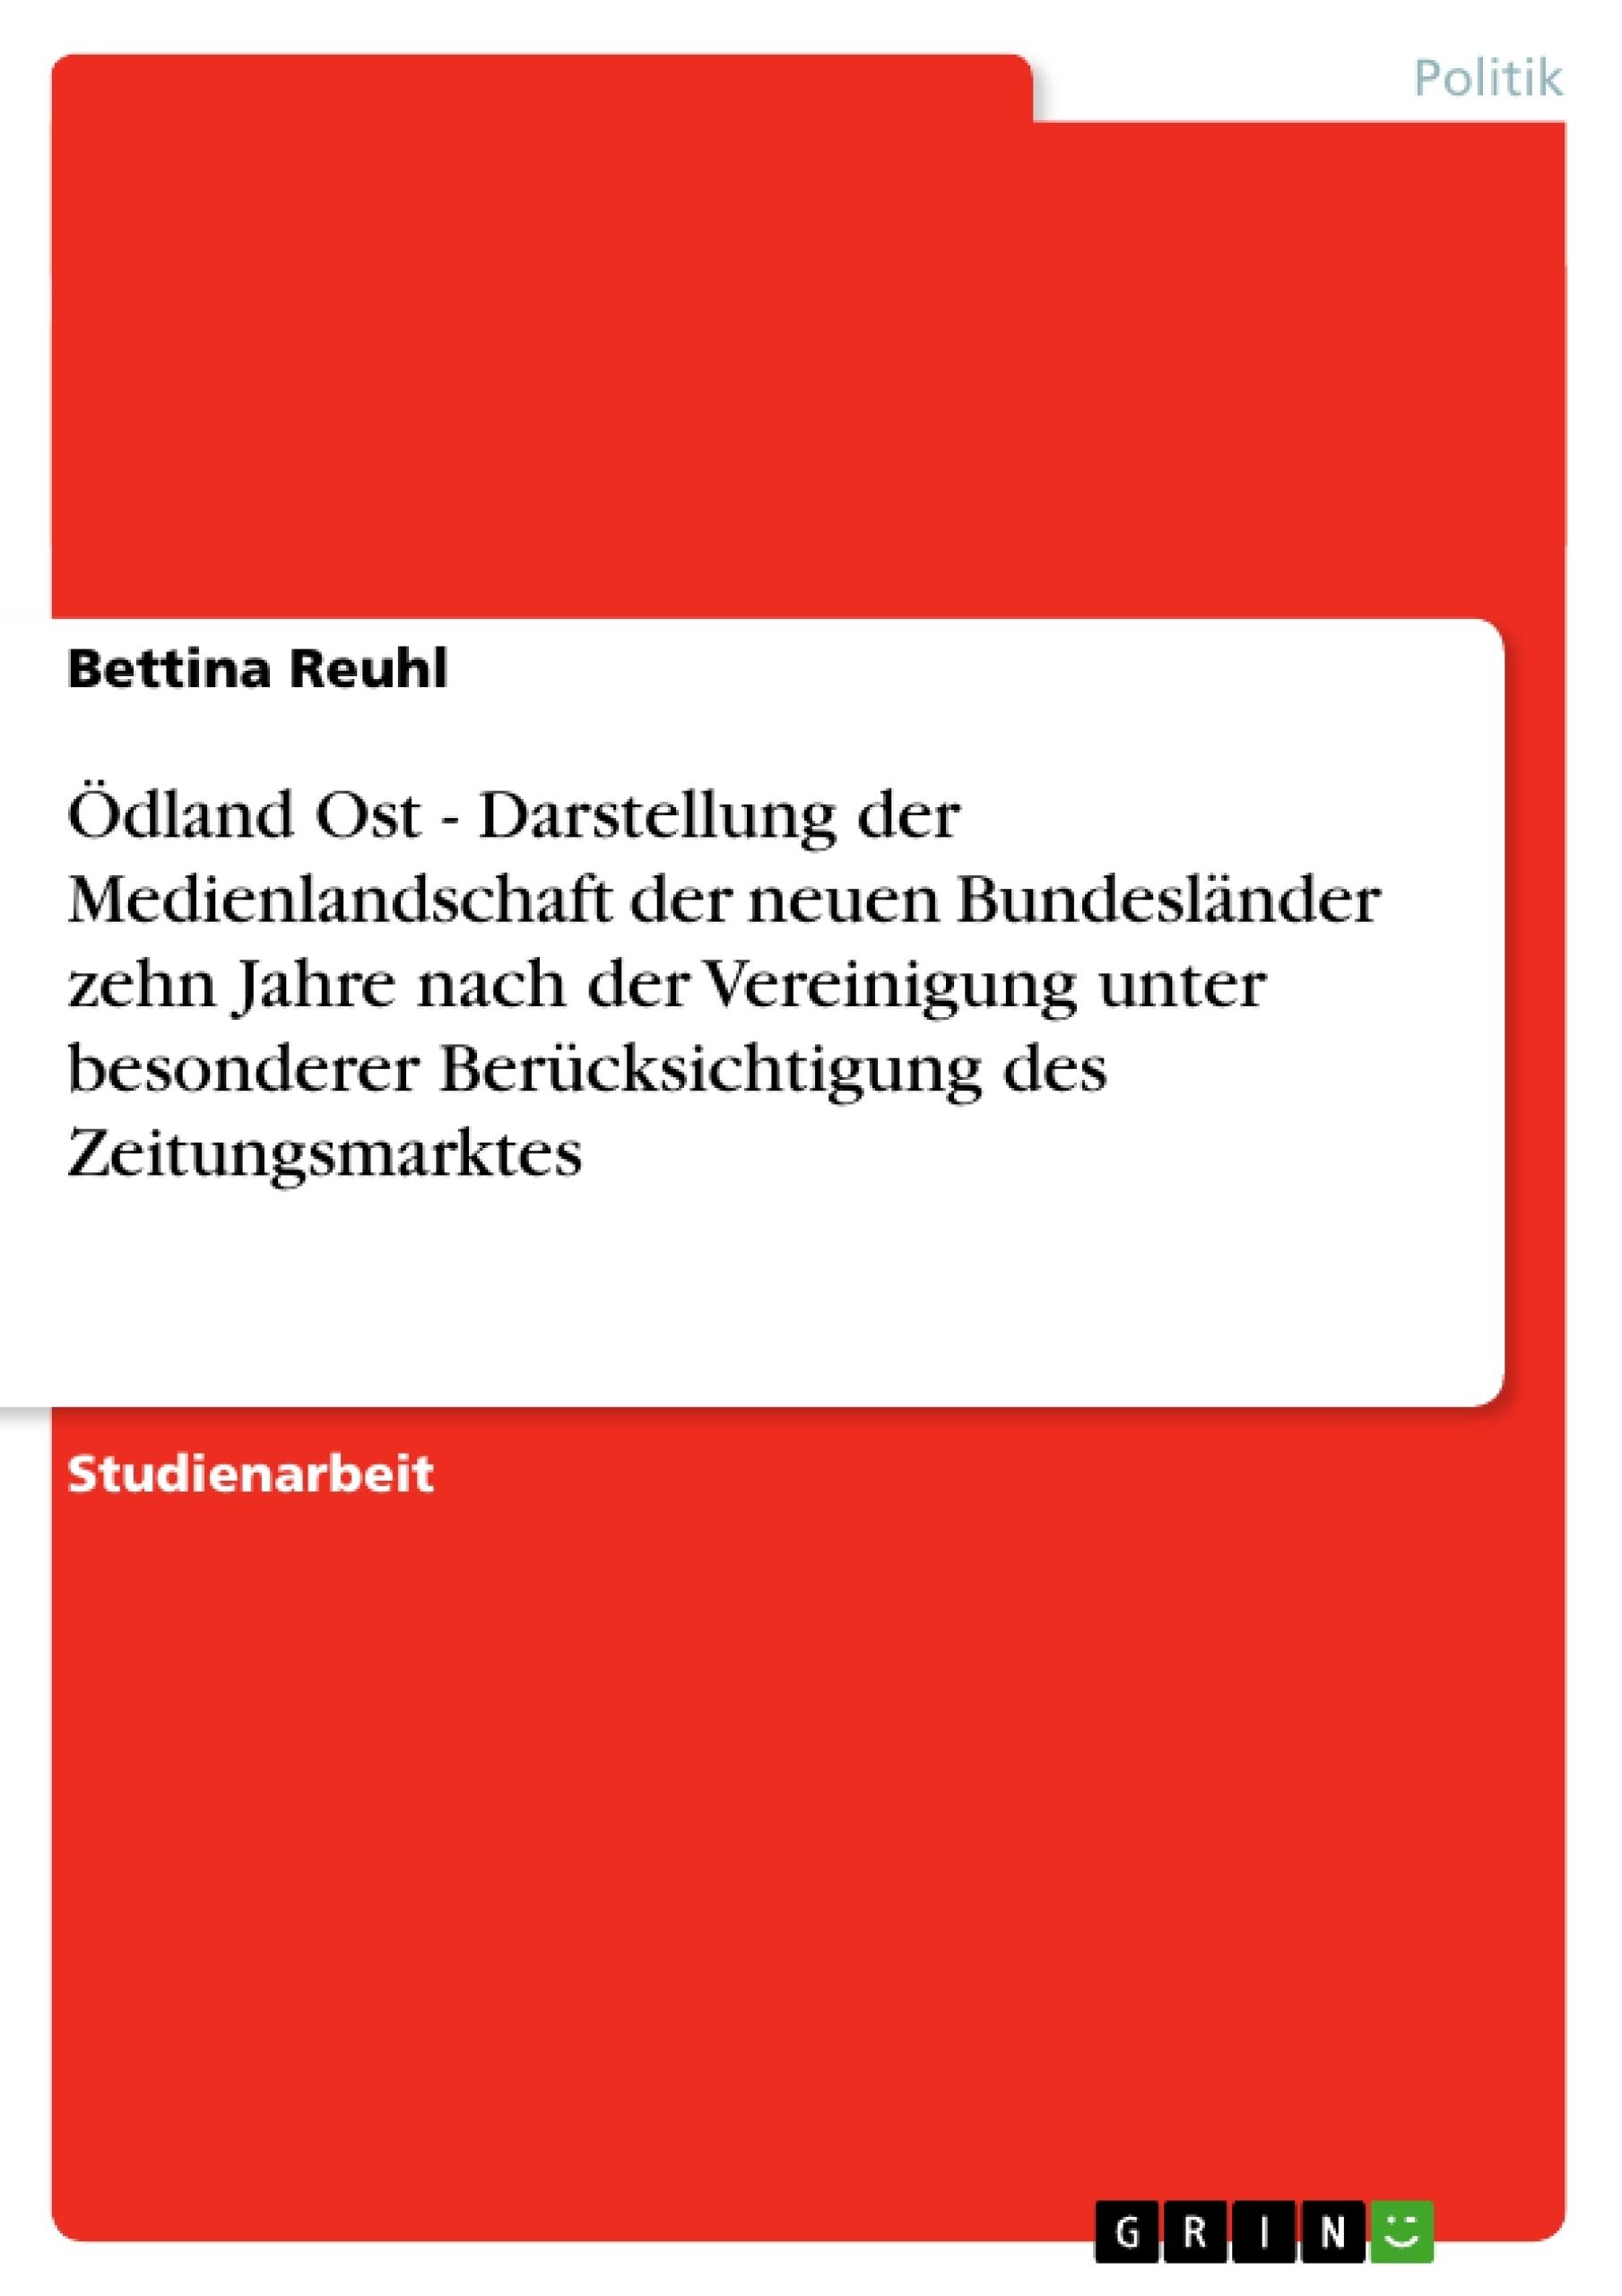 Titel: Ödland Ost - Darstellung der Medienlandschaft der neuen Bundesländer zehn Jahre nach der Vereinigung unter besonderer Berücksichtigung des Zeitungsmarktes